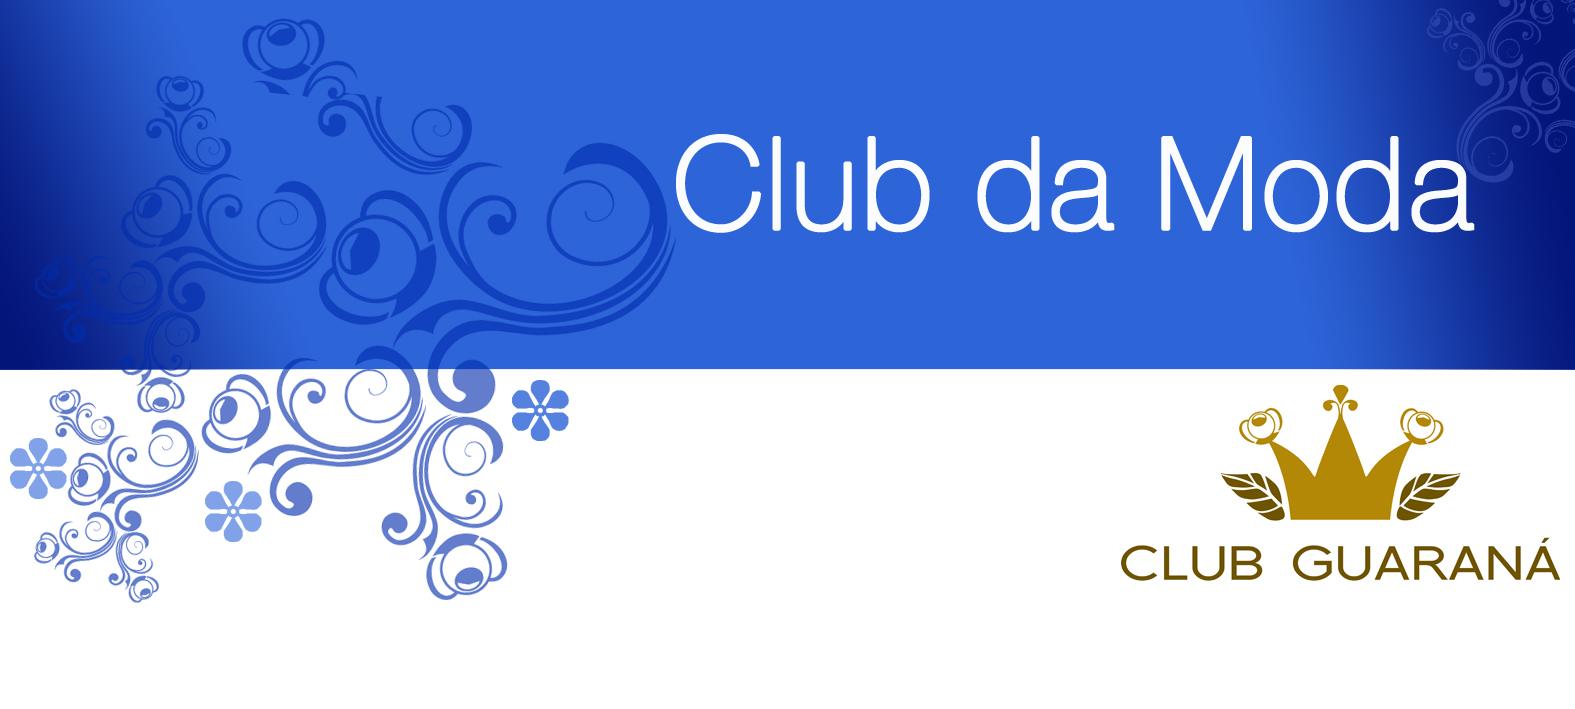 CLUB GUARANÁ